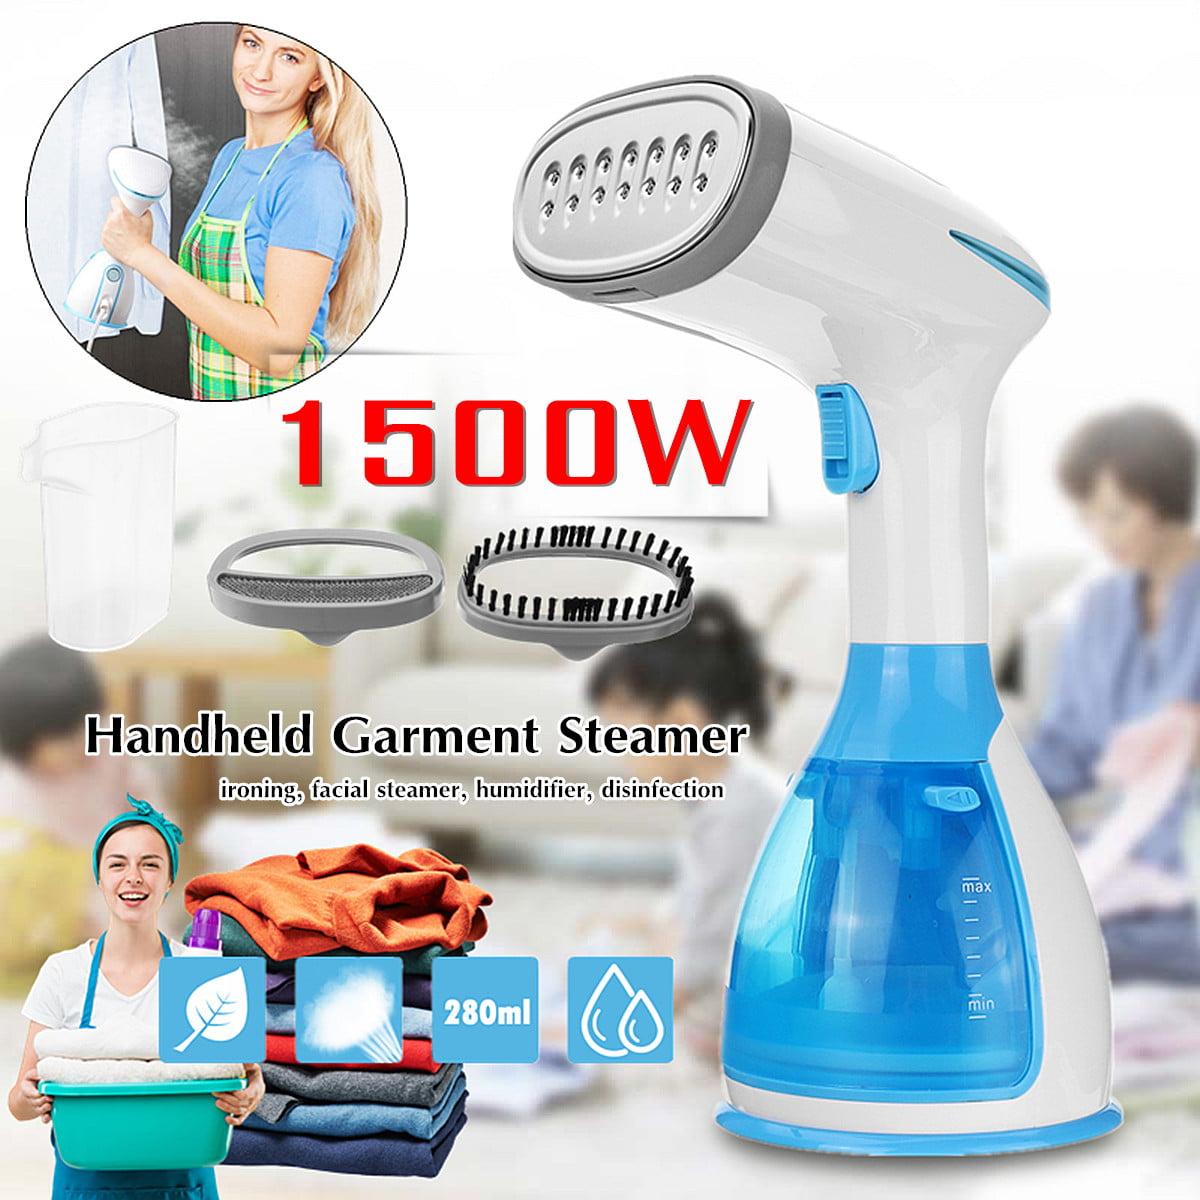 New Handheld Steamer 1500W  Garment Steamer Fast-Heat Steam Iron Ironing Machine